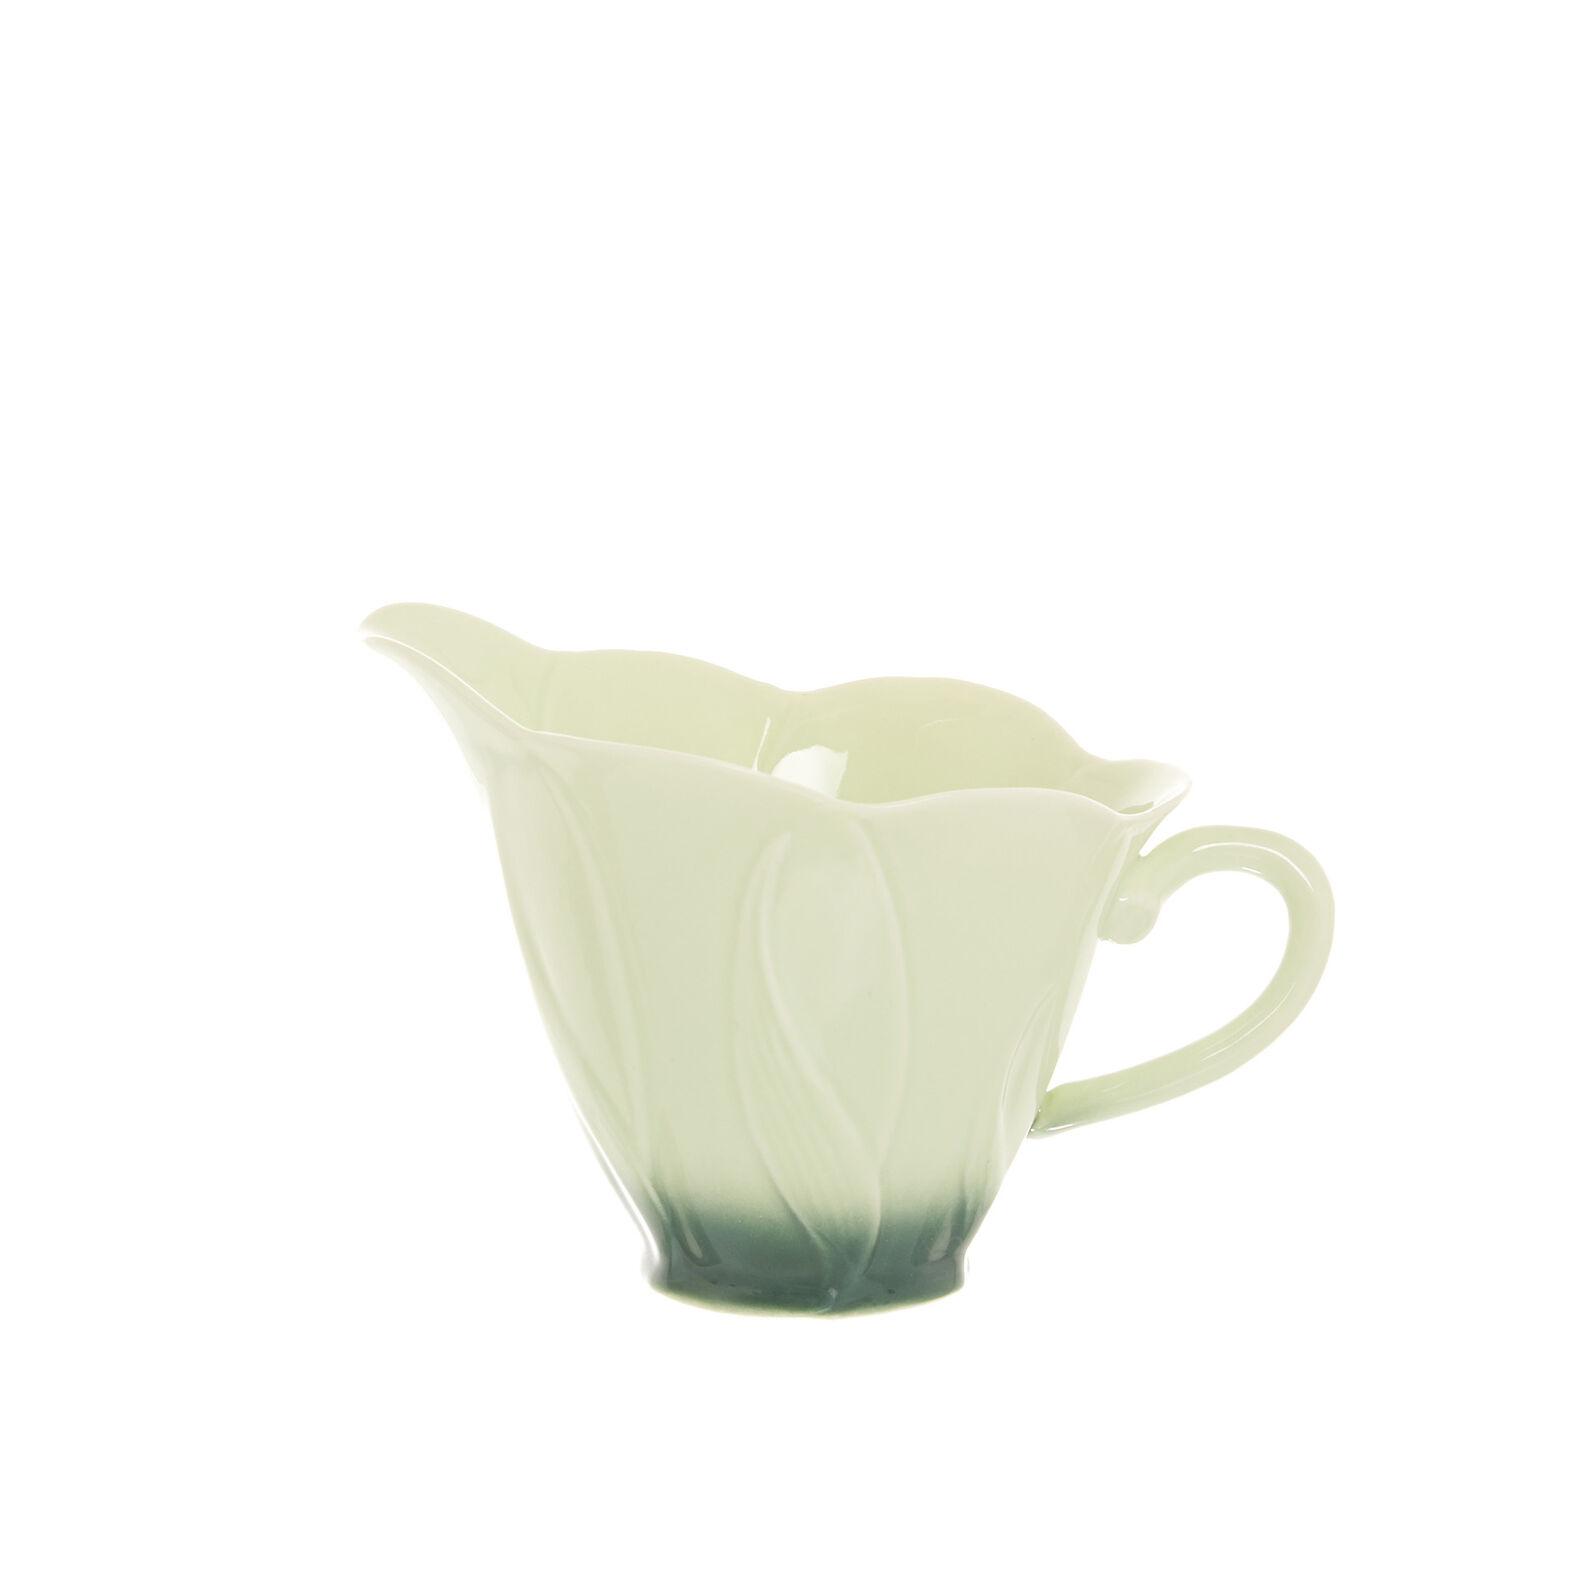 Porcelain flower milk jug